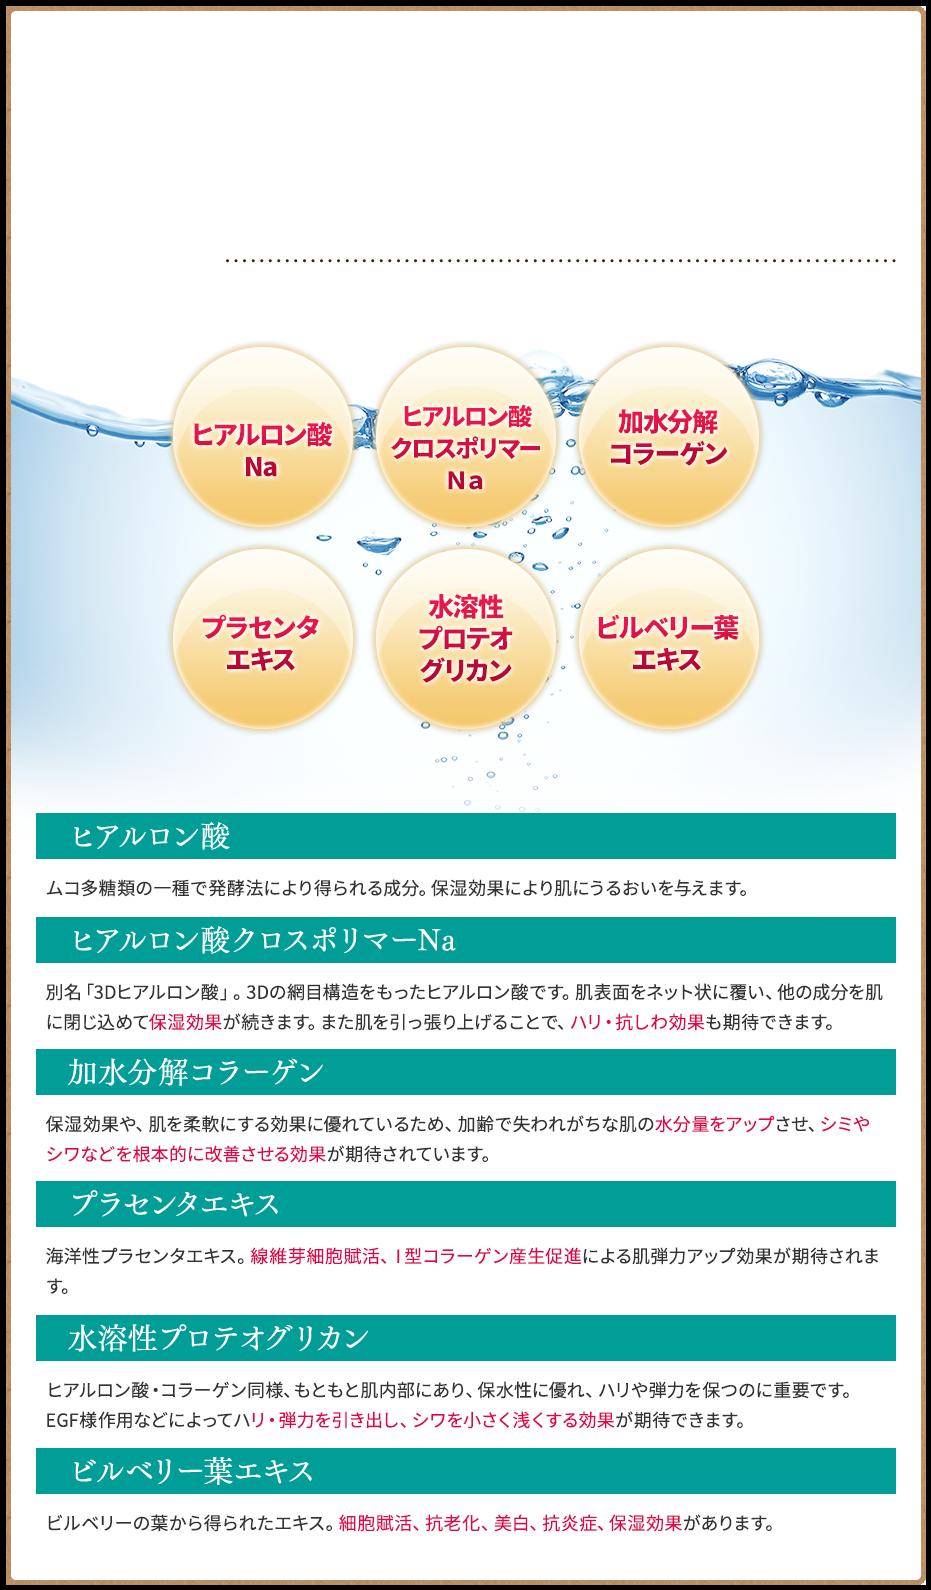 ヒアルロン酸・ヒアルロン酸クロスポリマーNa・加水分解コラーゲン・プラセンタエキス・水溶性プロテオグリカン・ビルベリー葉エキス配合